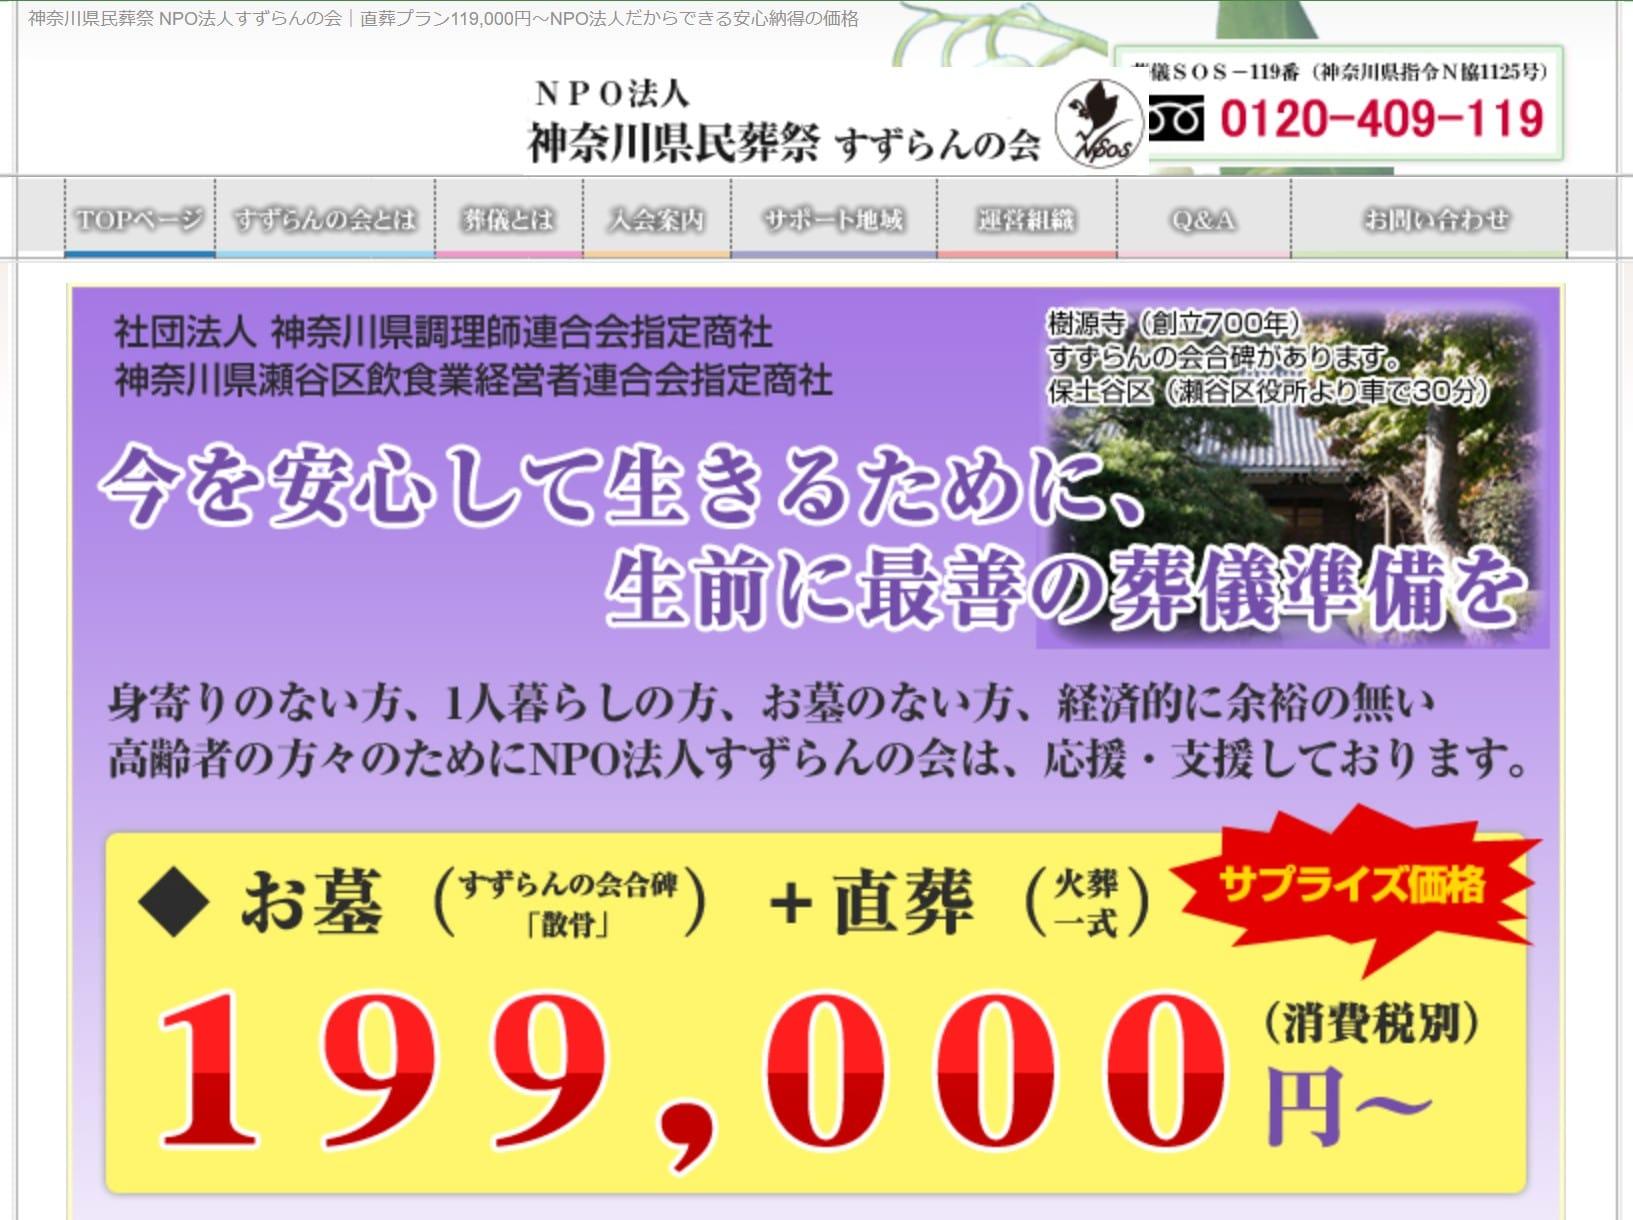 神奈川県民葬祭すずらんの会